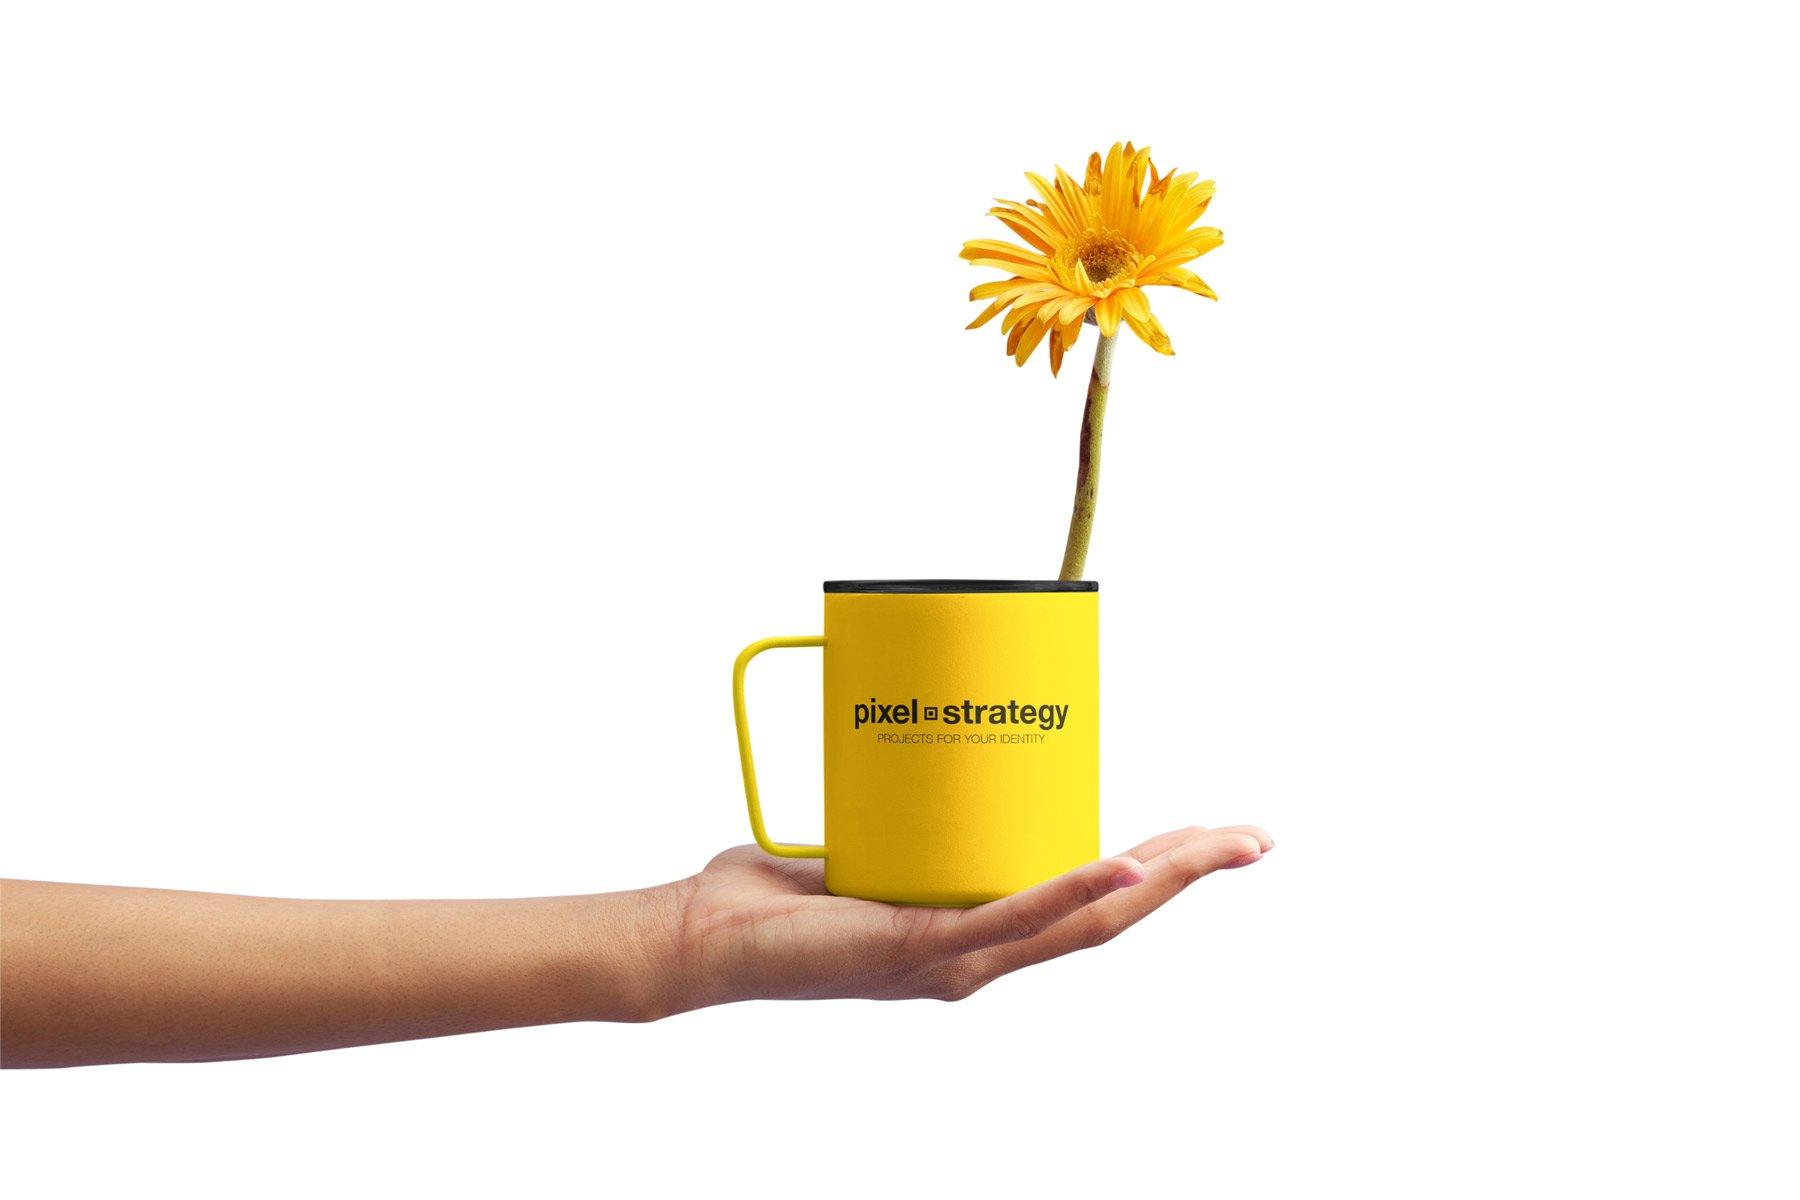 fai fiorire il tuo business